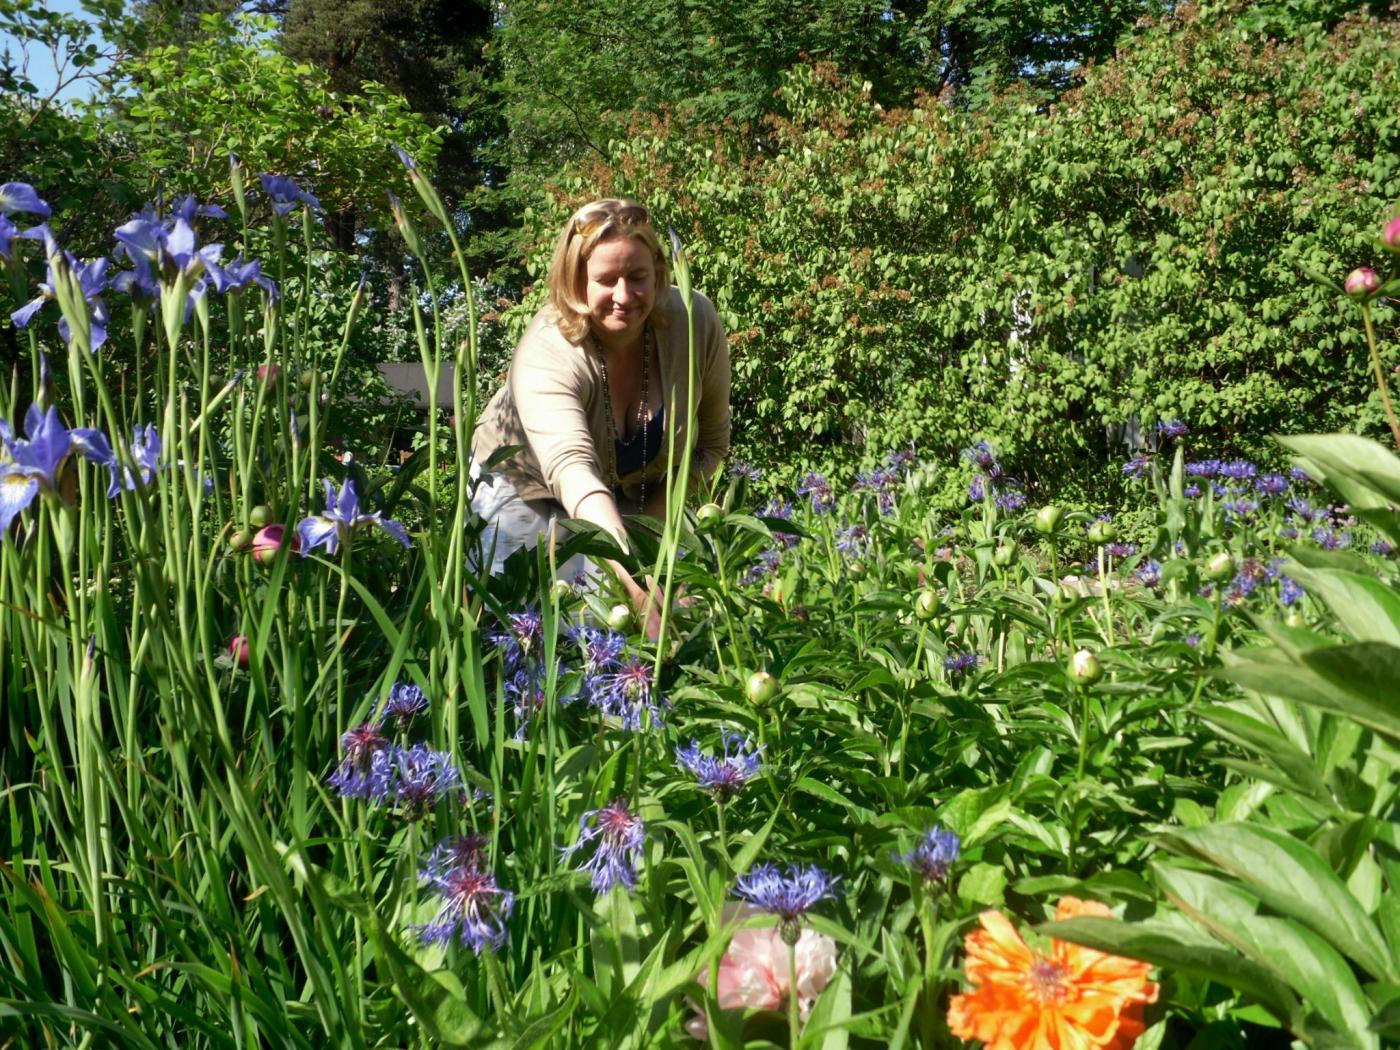 puutarhasuunnittelija kukkapenkissä.jpg